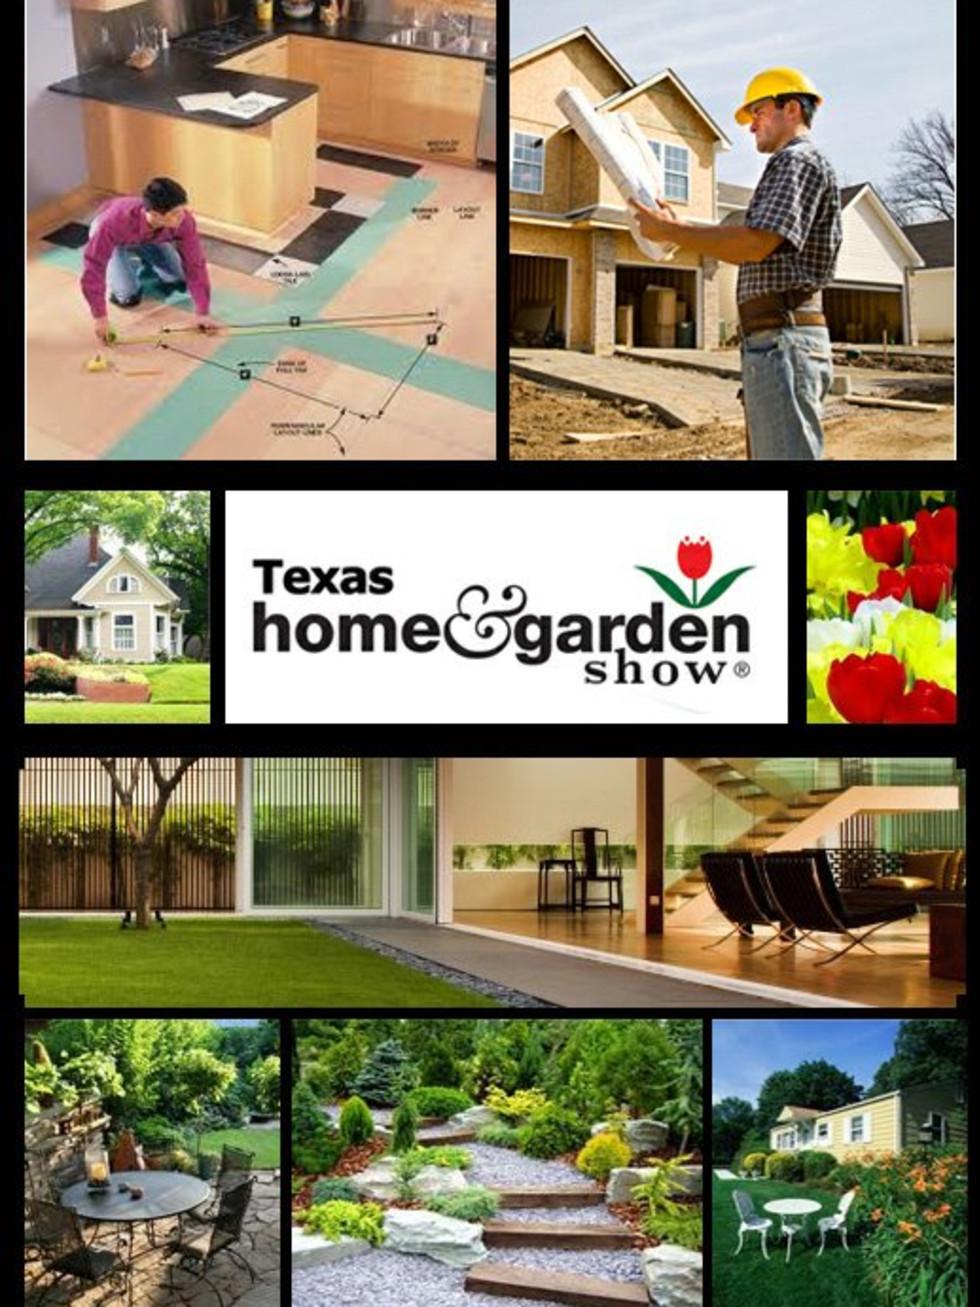 17th Annual Texas Home & Garden Show